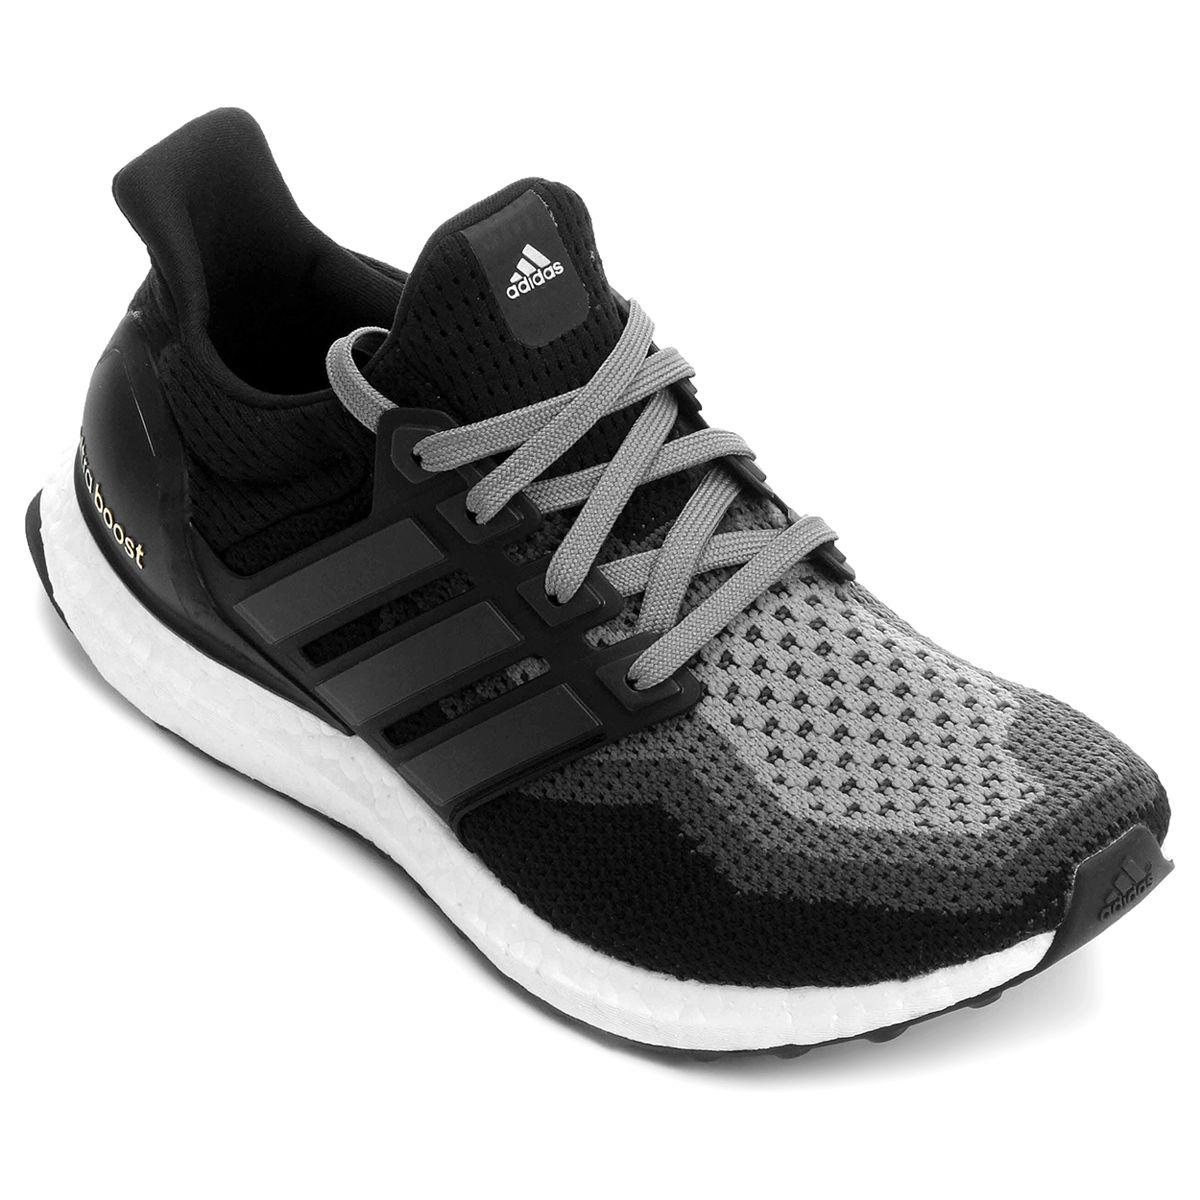 87e2ca34d4ced O Tênis Adidas Ultra Boost Preto e Chumbo oferece muito mais conforto e  suporte para a